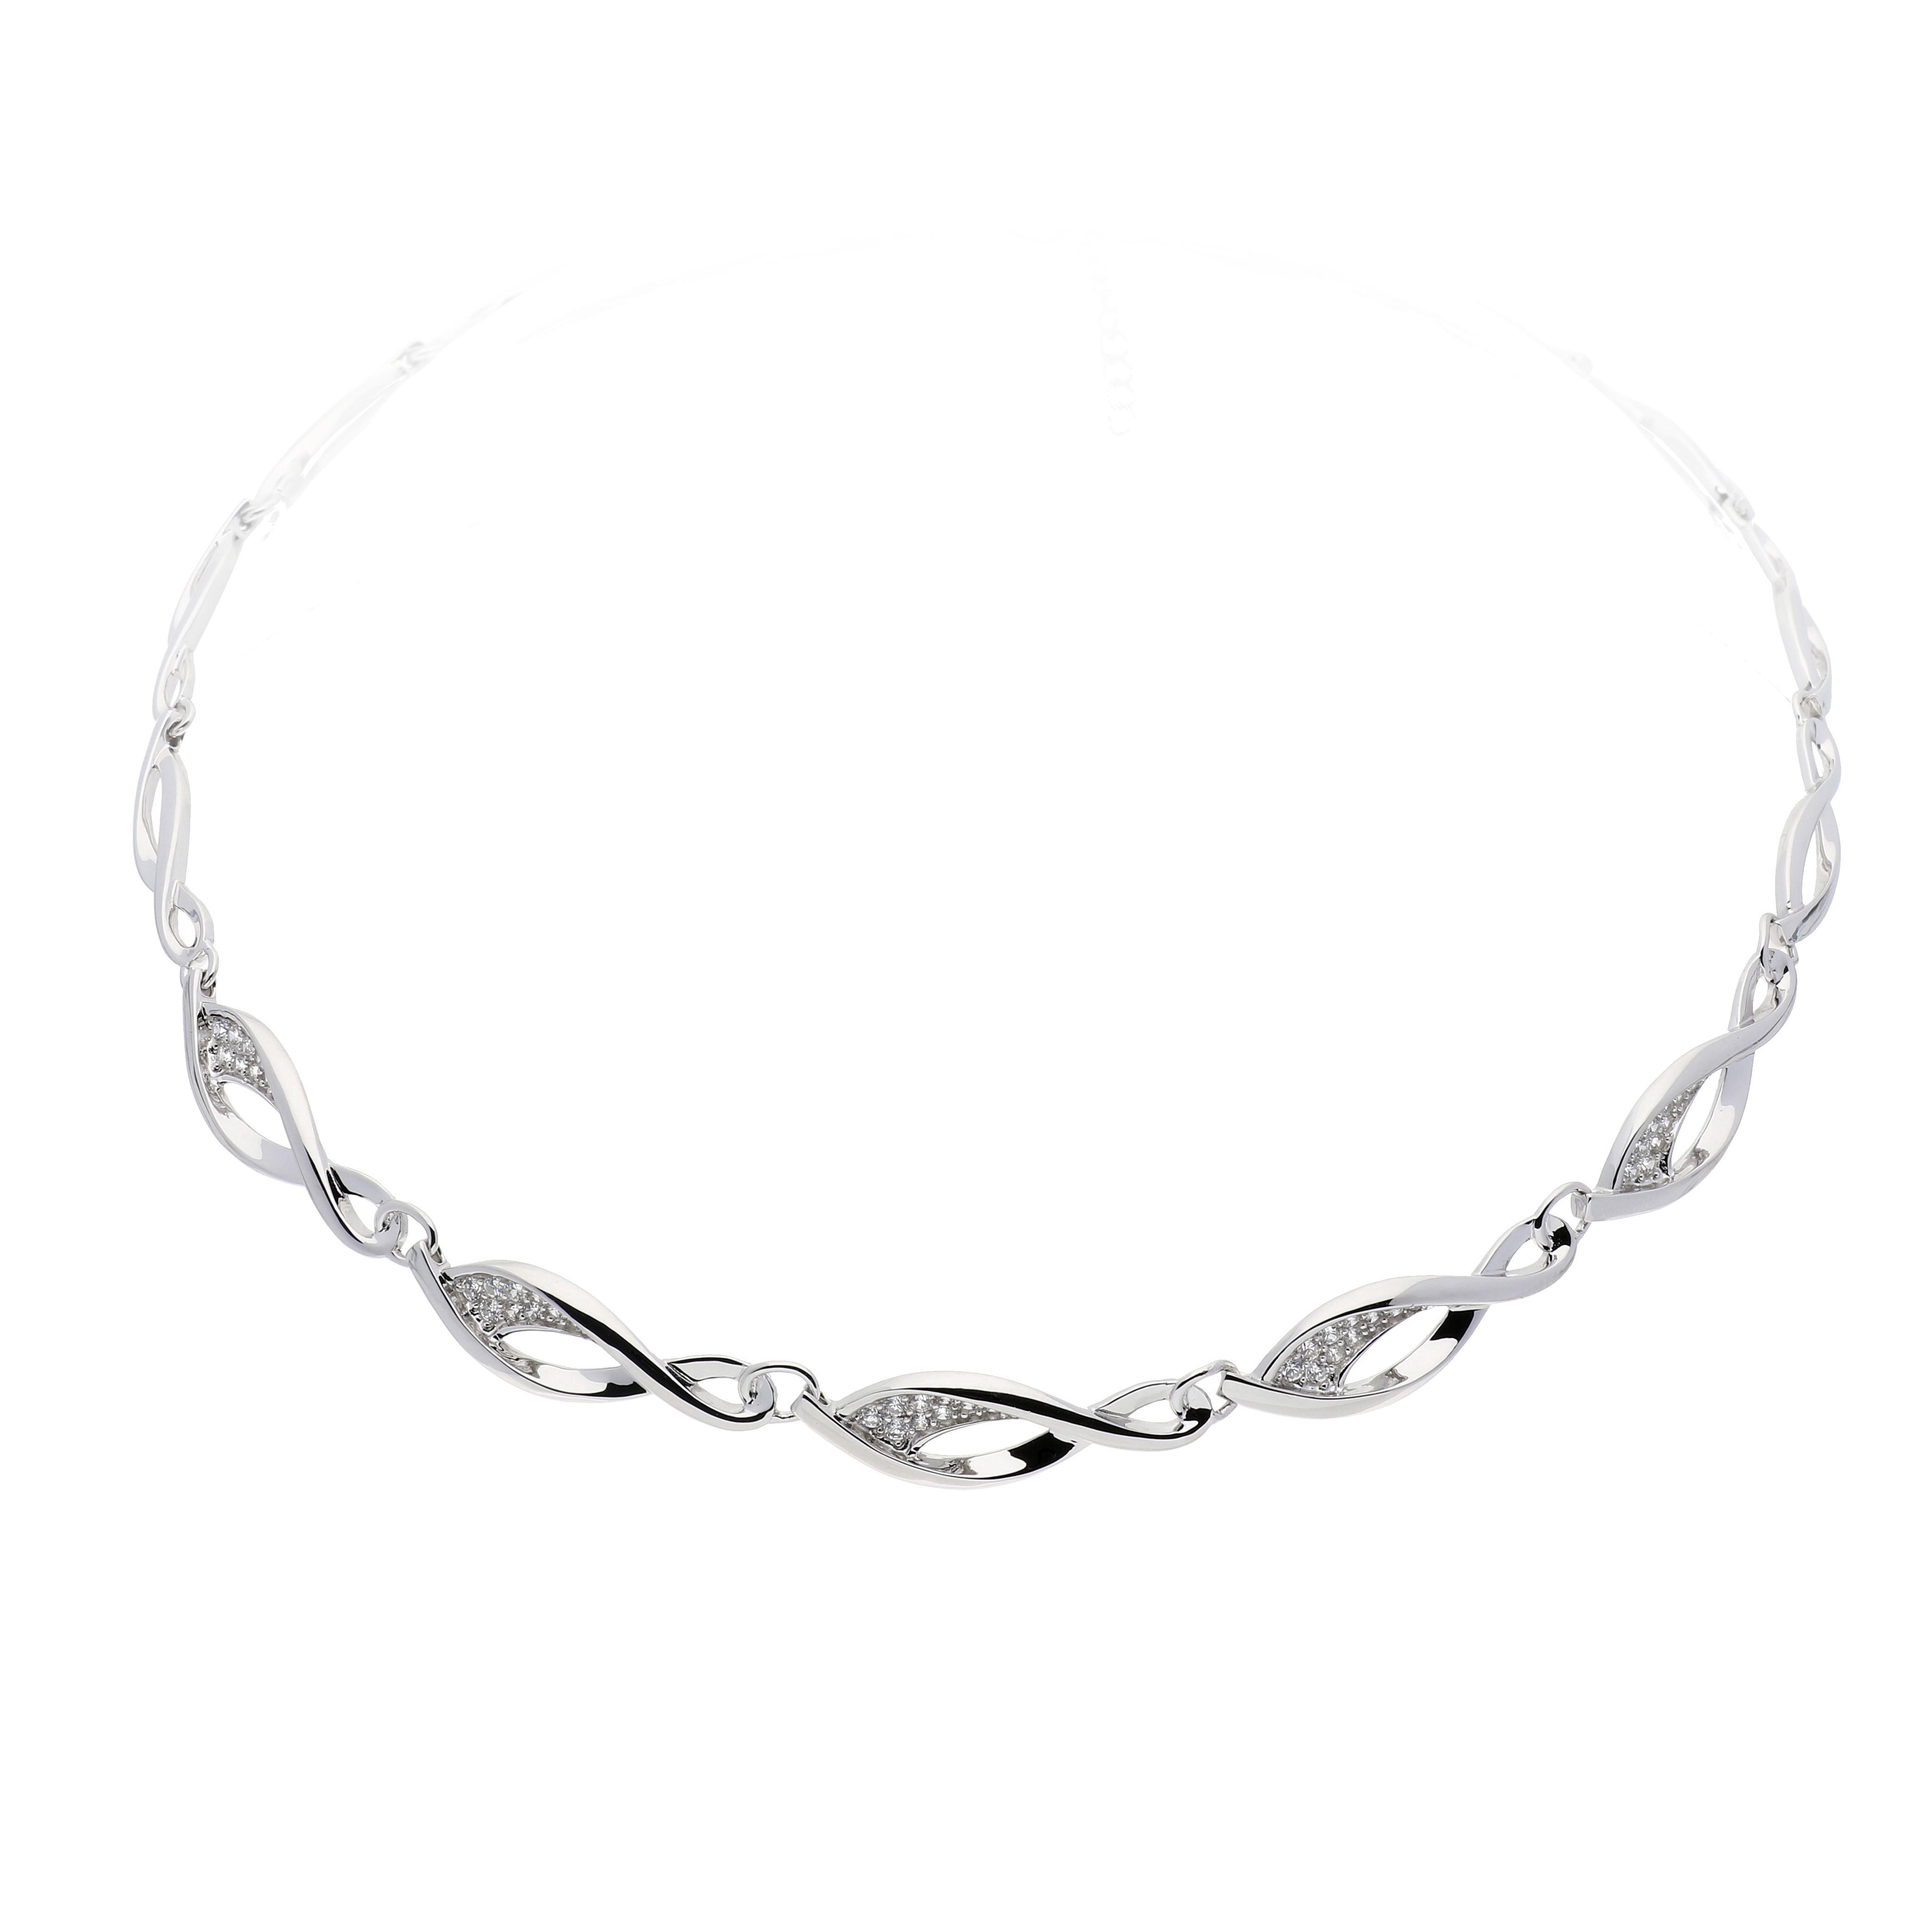 Elegance Choker zilver met zirconia 42-46 cm 103.1043.42